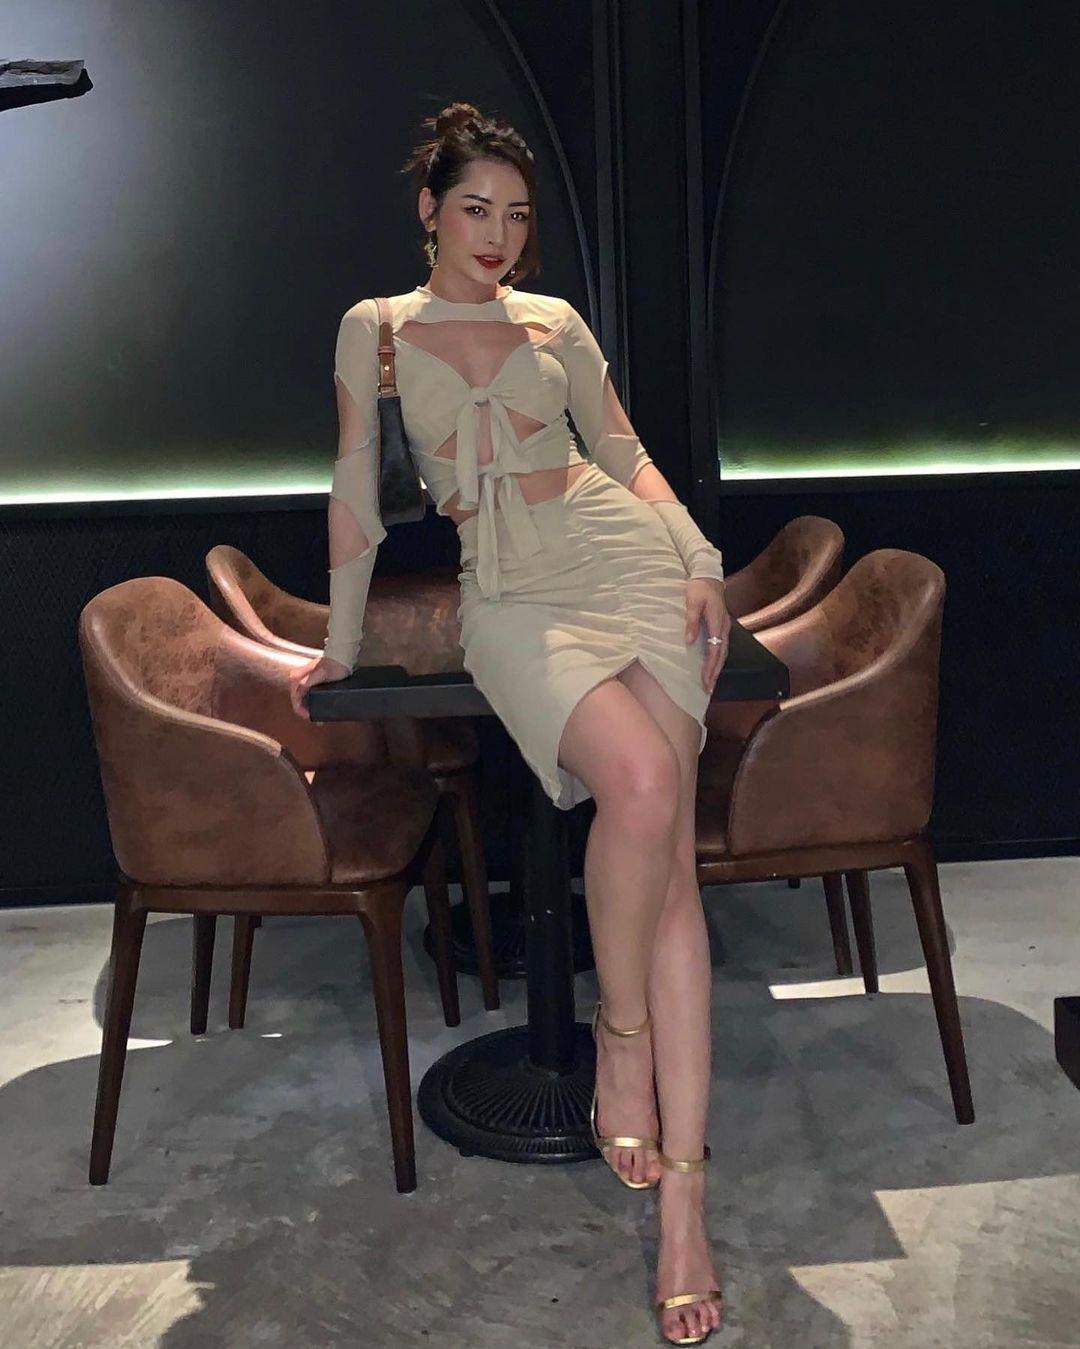 Đụng váy cut-out táo bạo: Hoàng Thuỳ khoe chân dài nhưng Chi Pu mới chiếm sóng nhờ body chuẩn như chai Coca - Ảnh 1.